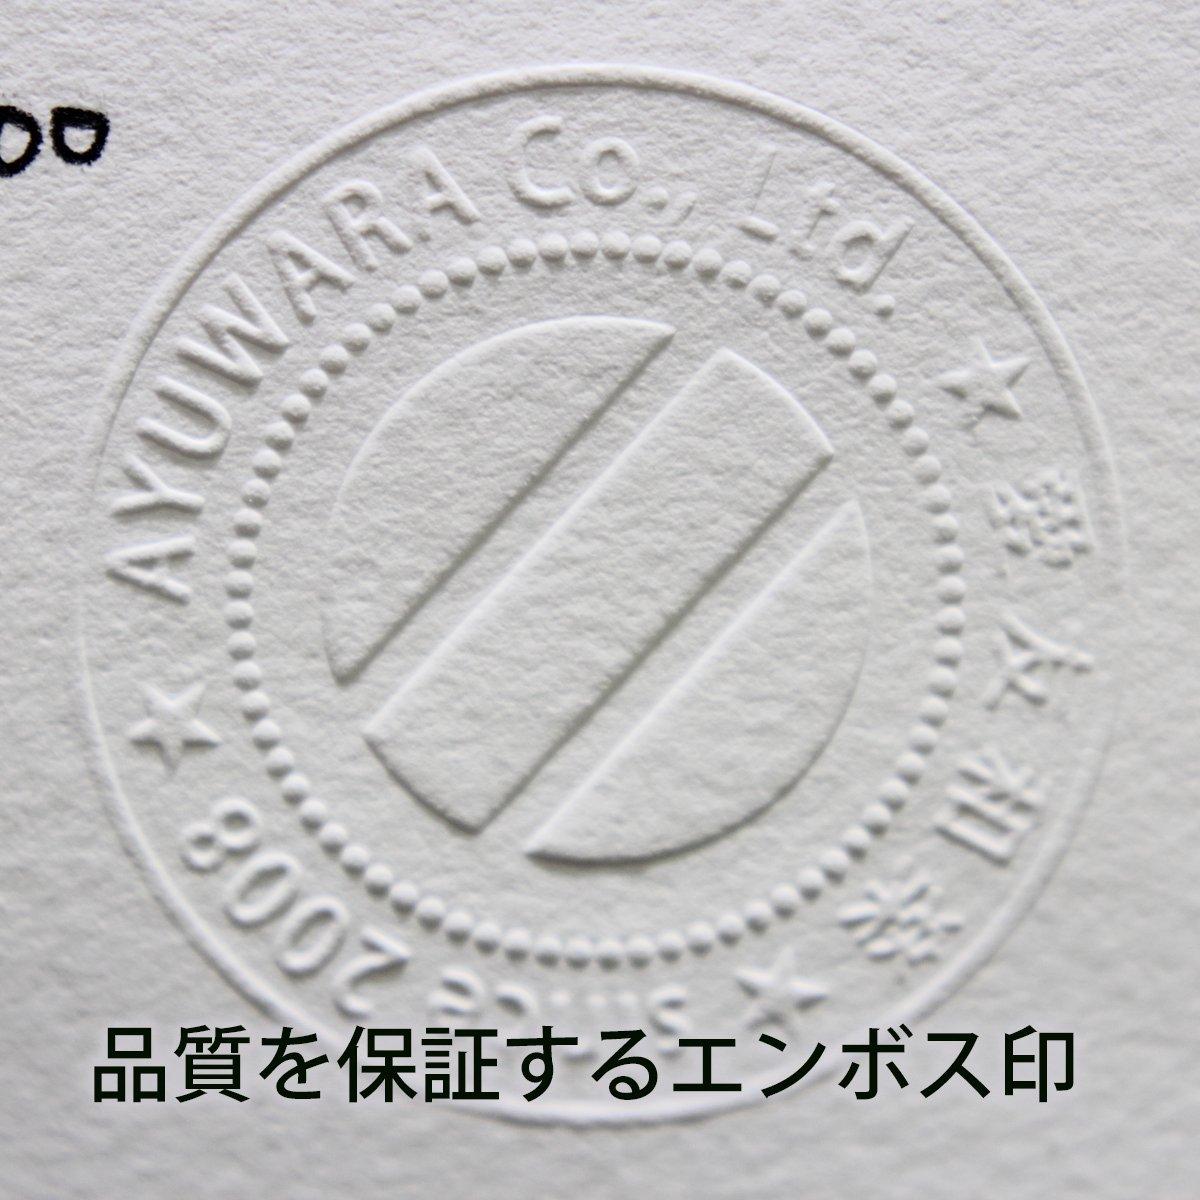 《アートフォト》虹2/美瑛町〔富良野・高橋真澄〕(レンタル対象)